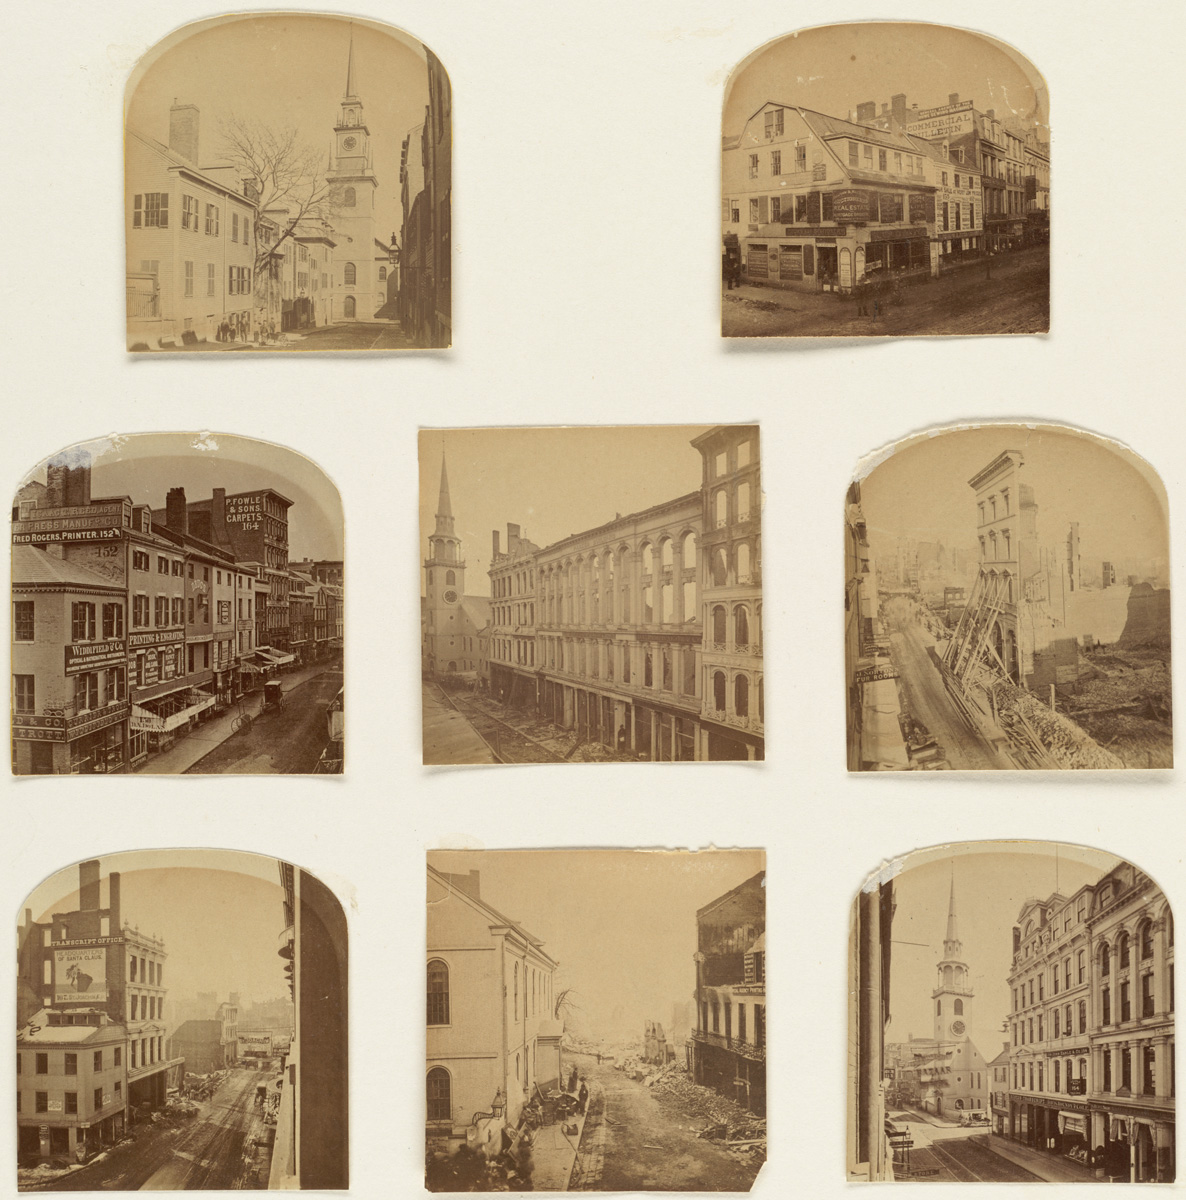 Великий пожар Бостона. 1872 год, США. Вашингтон Стрит до и после пожара